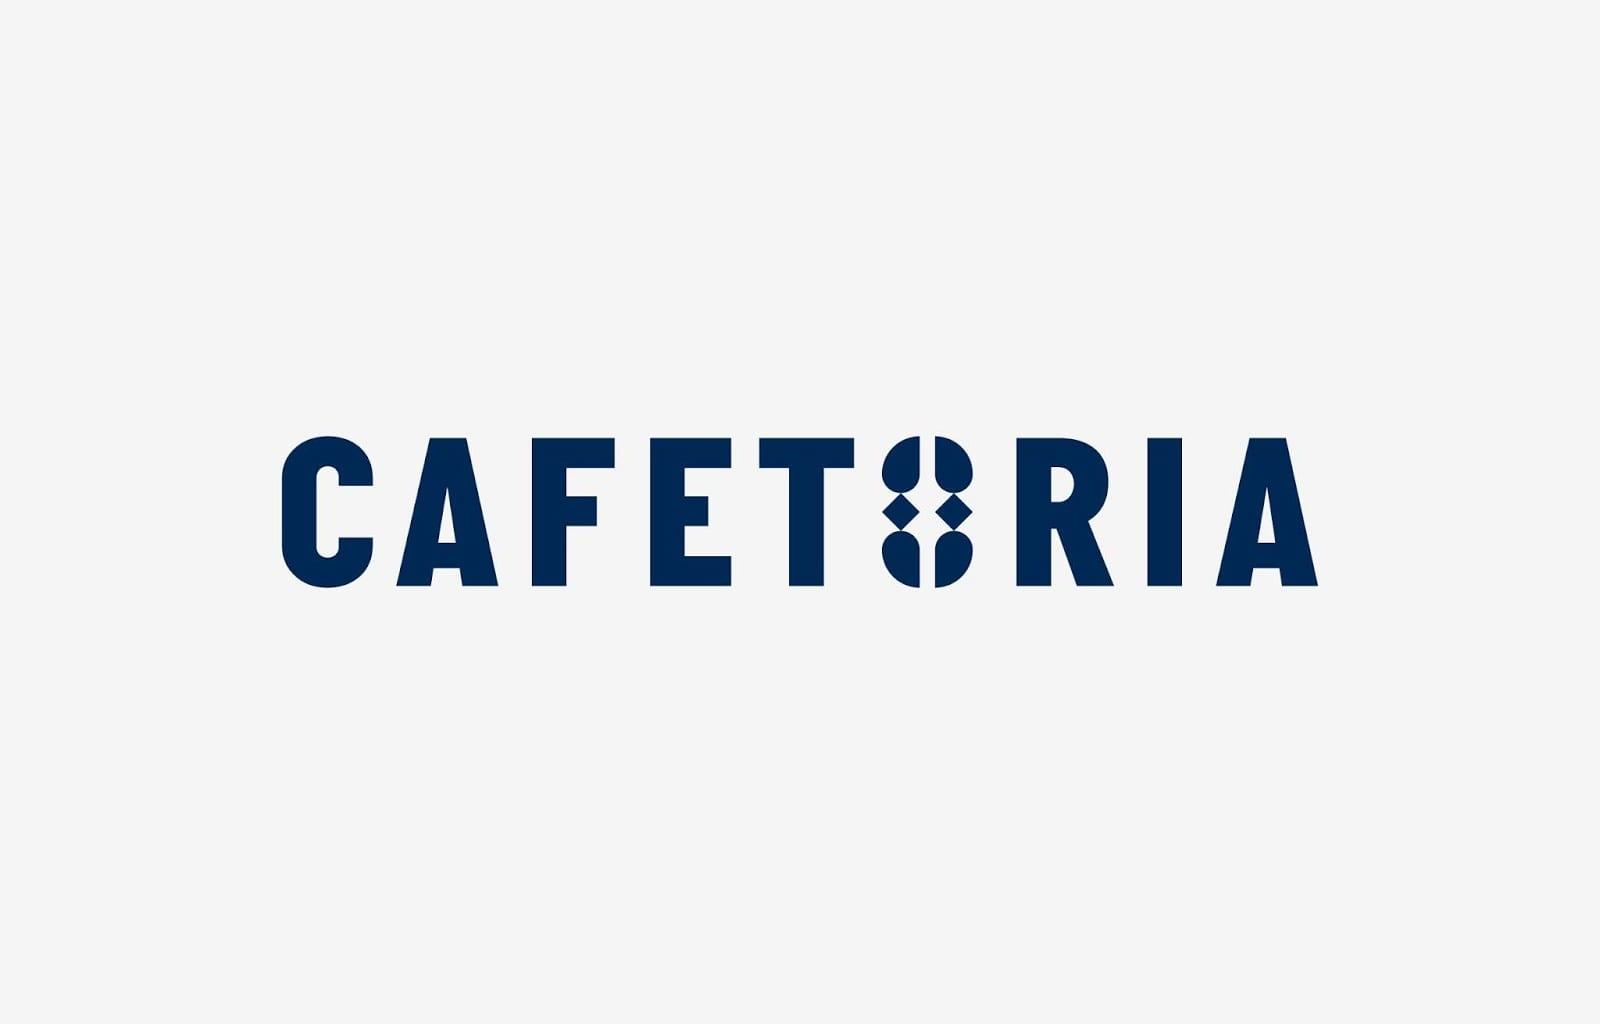 Cafetoria 010 - Ach, tie obaly – Cafetoria